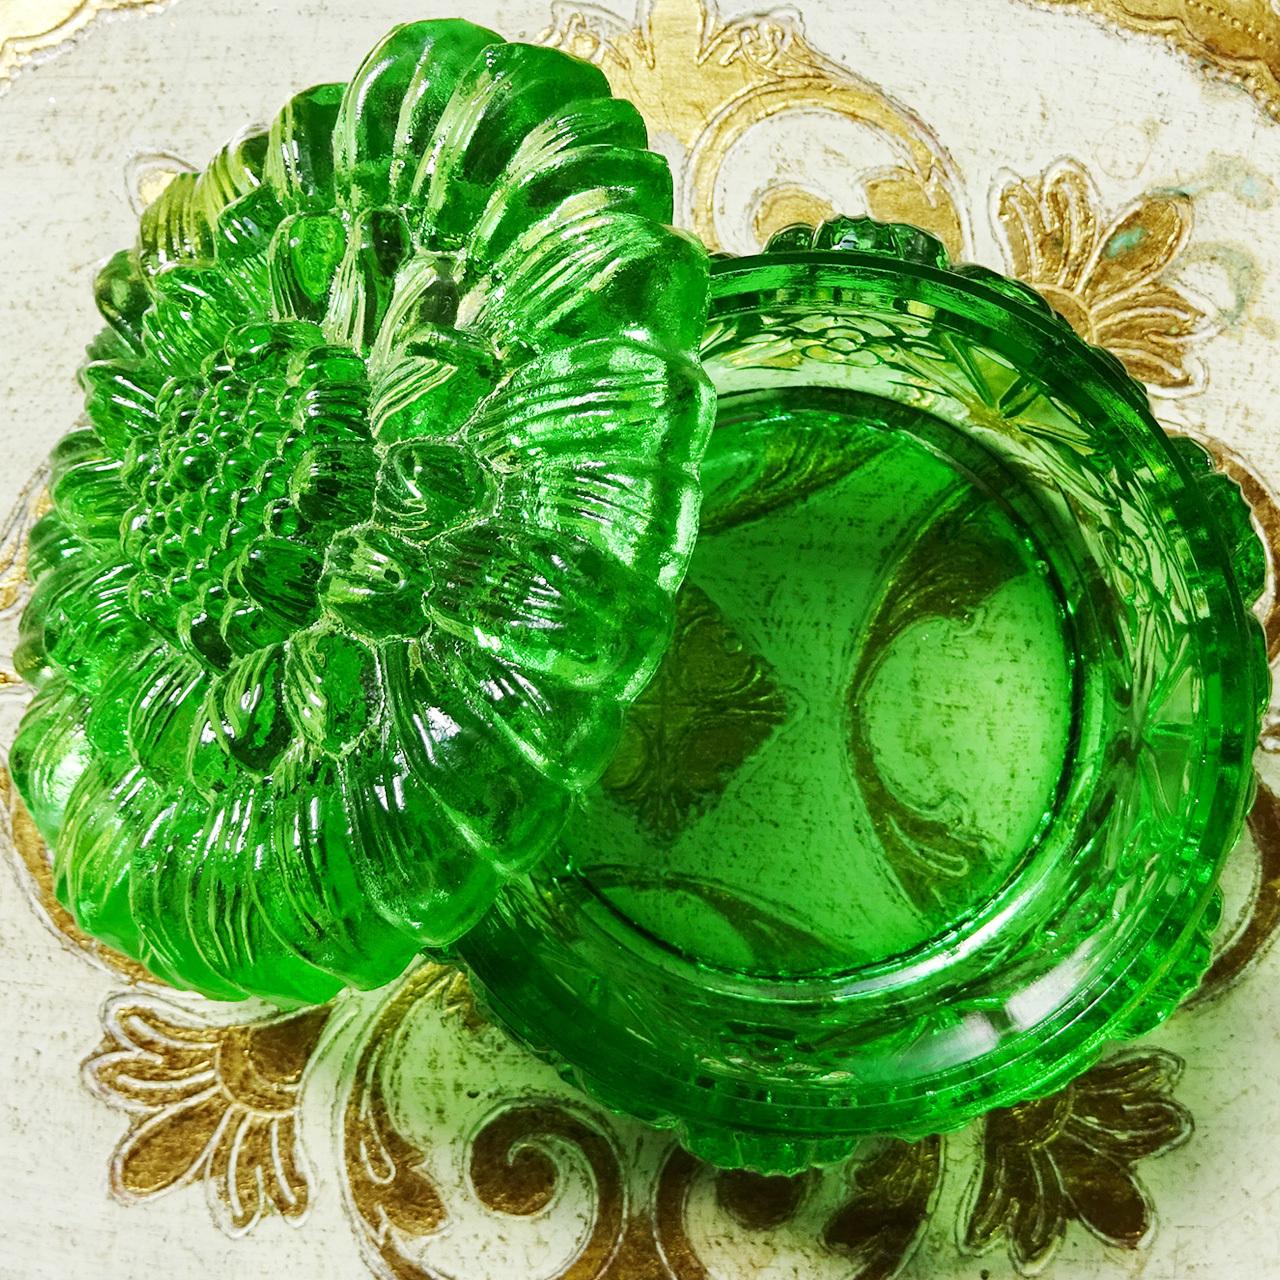 チェコスロバキア ボヘミアガラスのジュエリーポット ひまわり / クリアグリーン